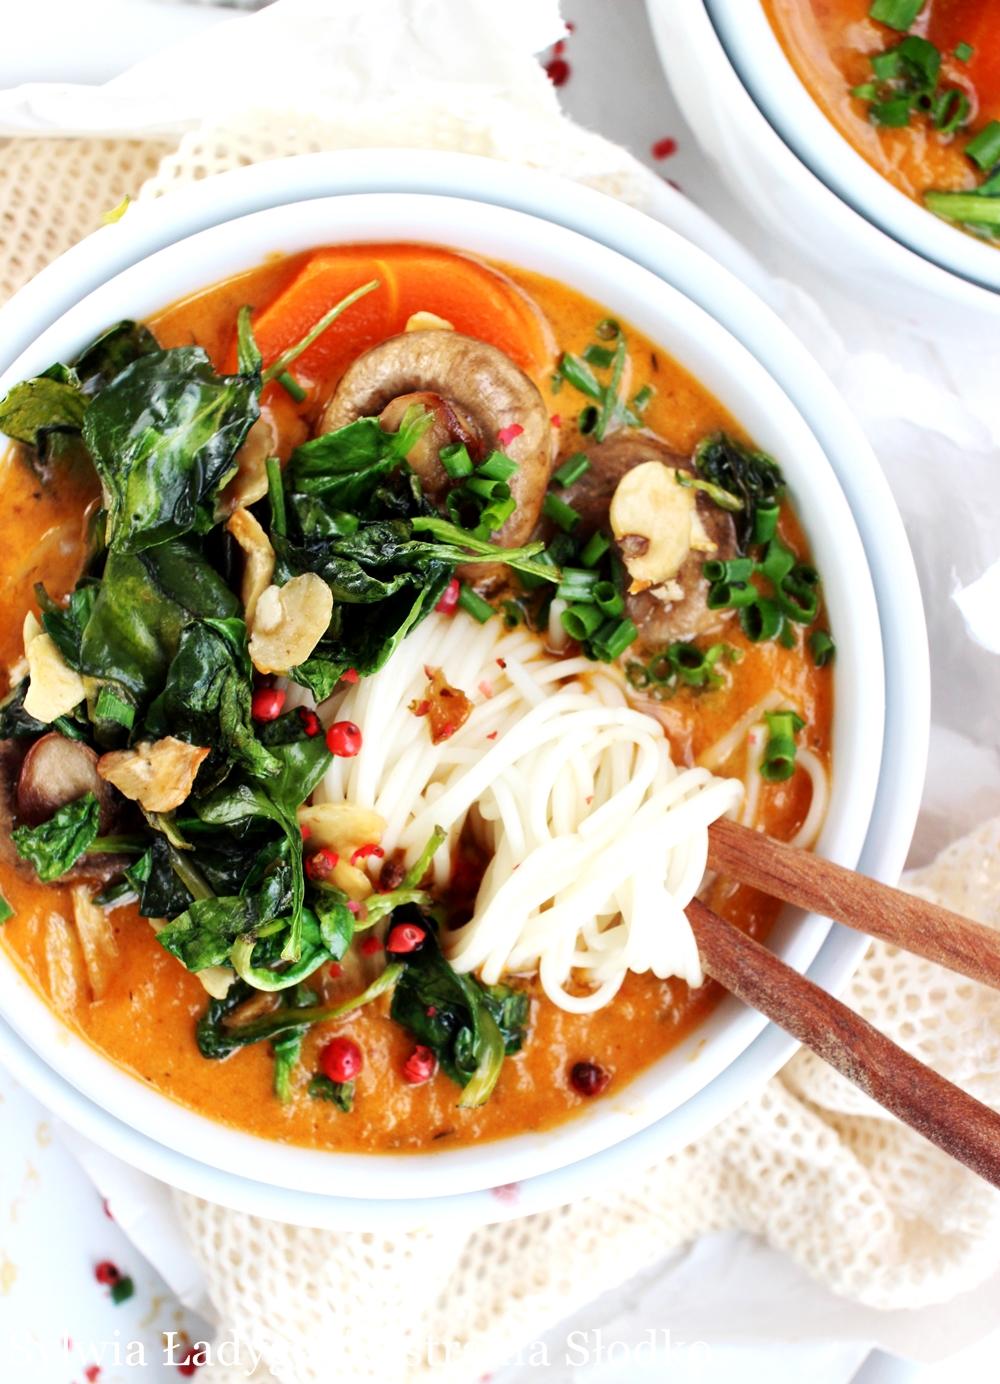 grzyby, krem , marchew , zupa jesienna , zupa krem , jesienne zupy , zupa dyniowa , zupa pomidorowa , zupa z dyni , zupa ze szpinakiem , zupa pomidorowa z makaronem , ostra na slodko , sylwia ladyga ,, blog kulinarny , blog z przepisami ,a najlepszy blog 2020